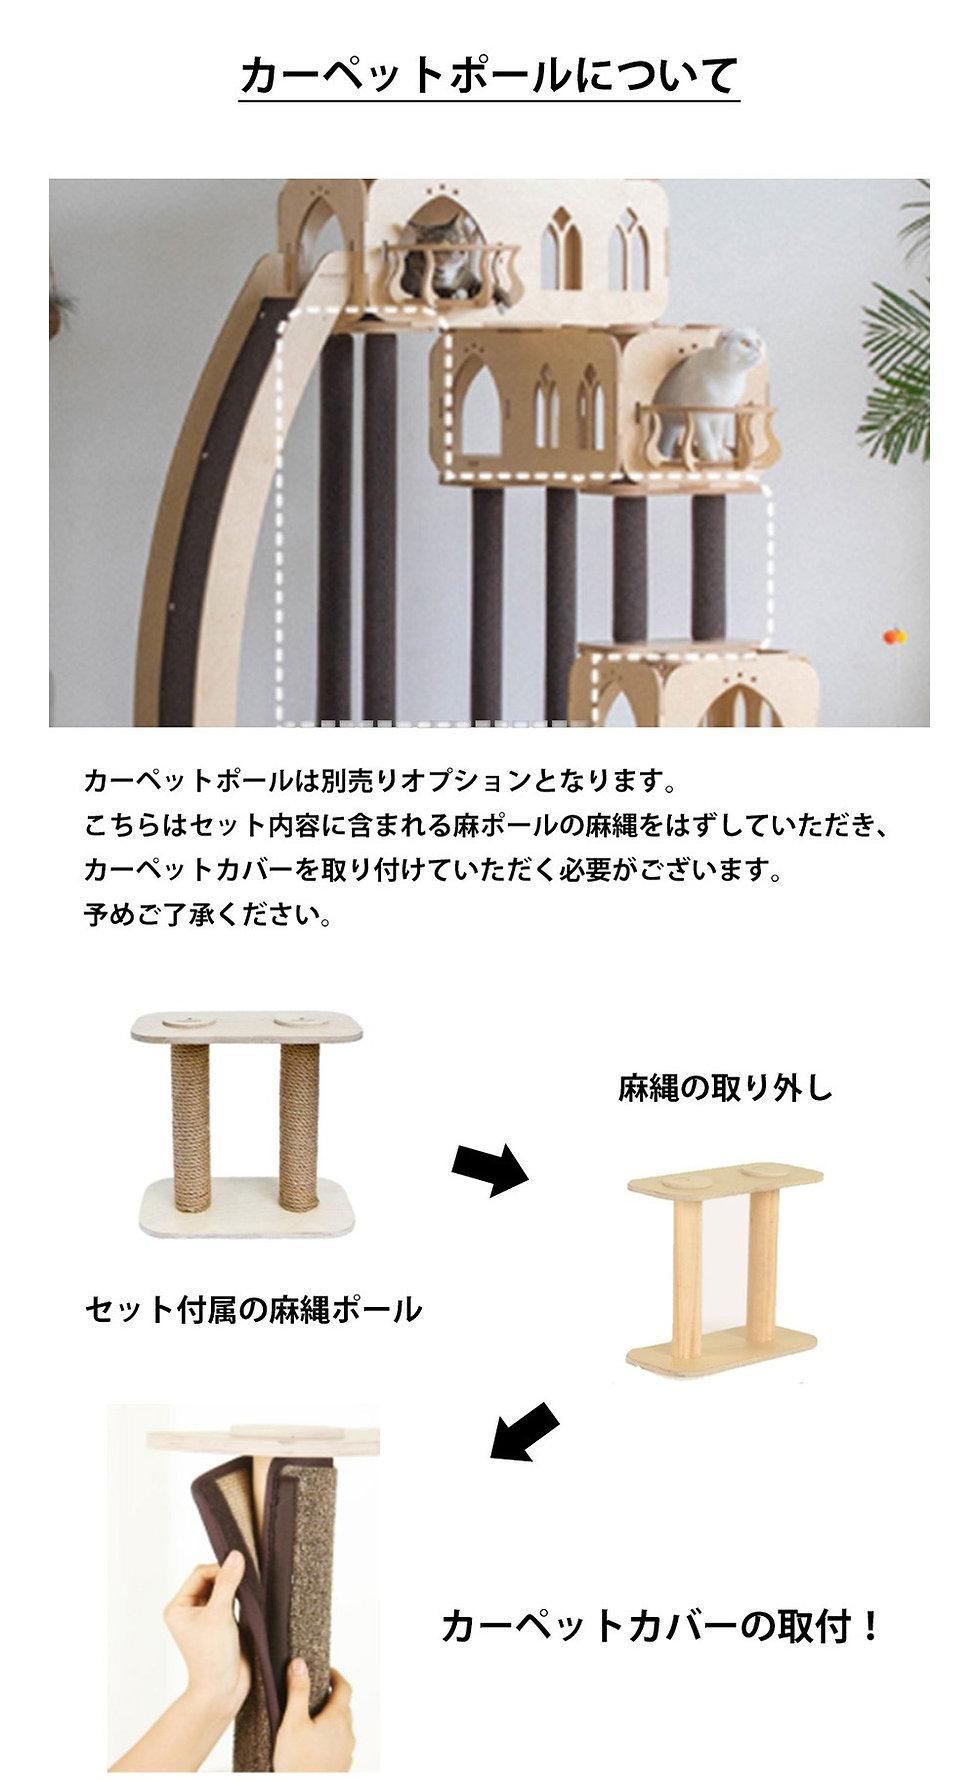 注意カーペット (2).jpg